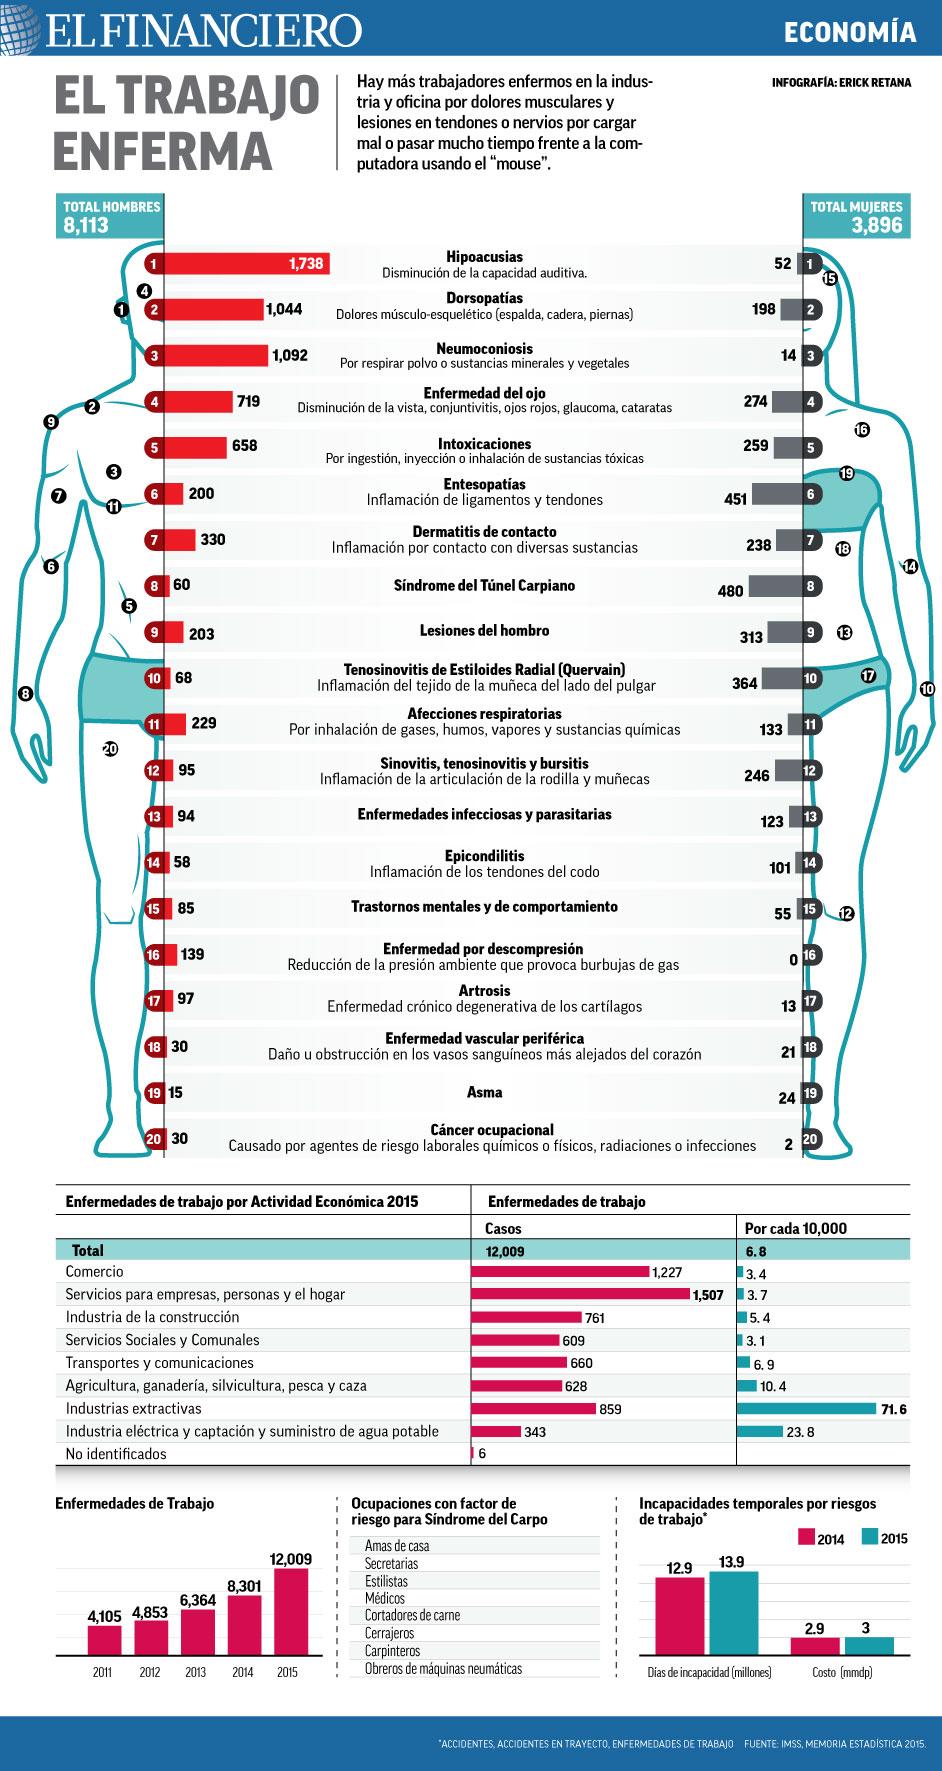 ECONOMIA_enfermedades_laborales1